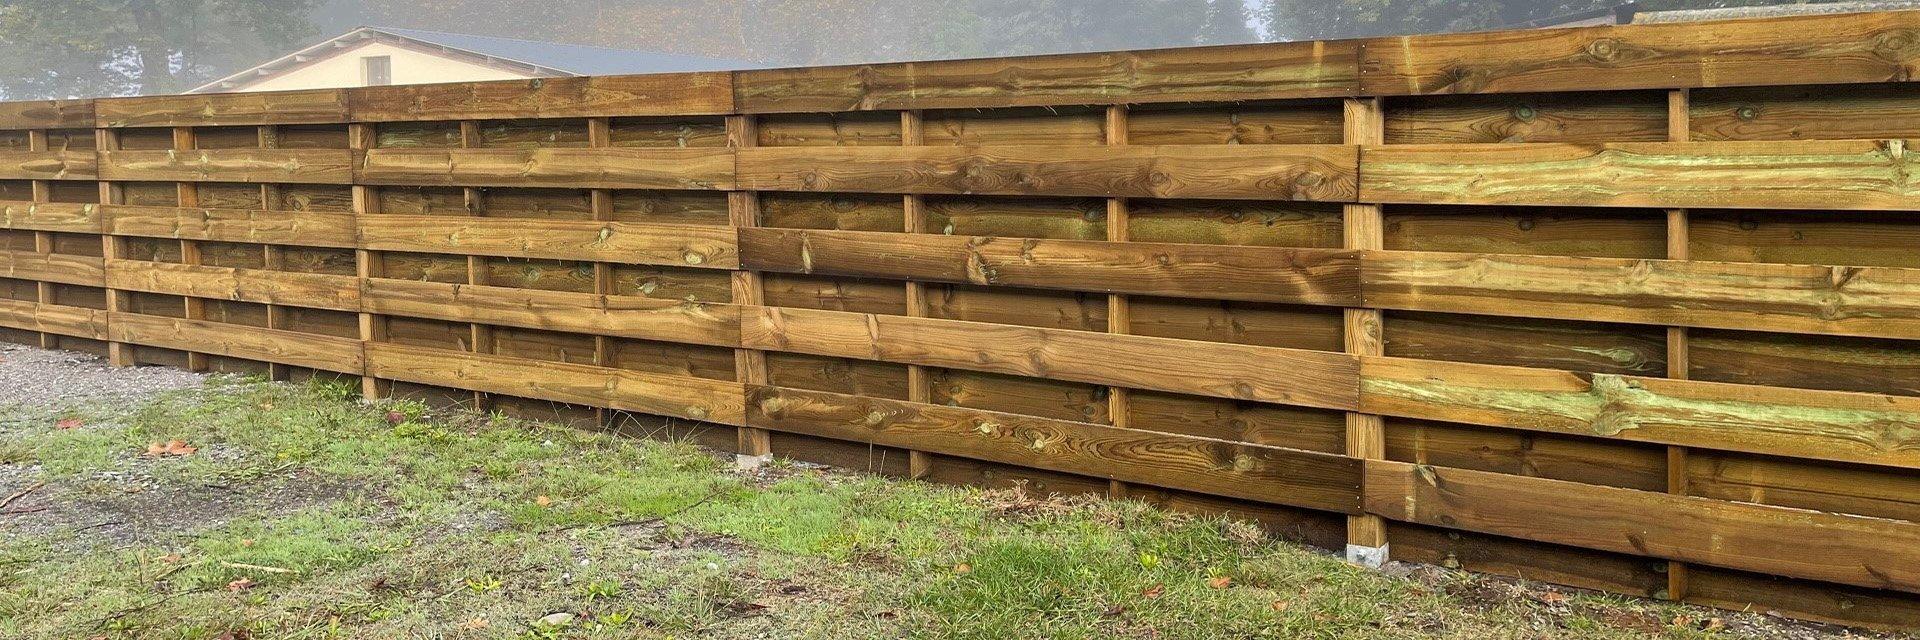 Mur De Soutenement En Bois Autoclave : en bois autoclave pour barri?re chevaux rev?tement mural bois